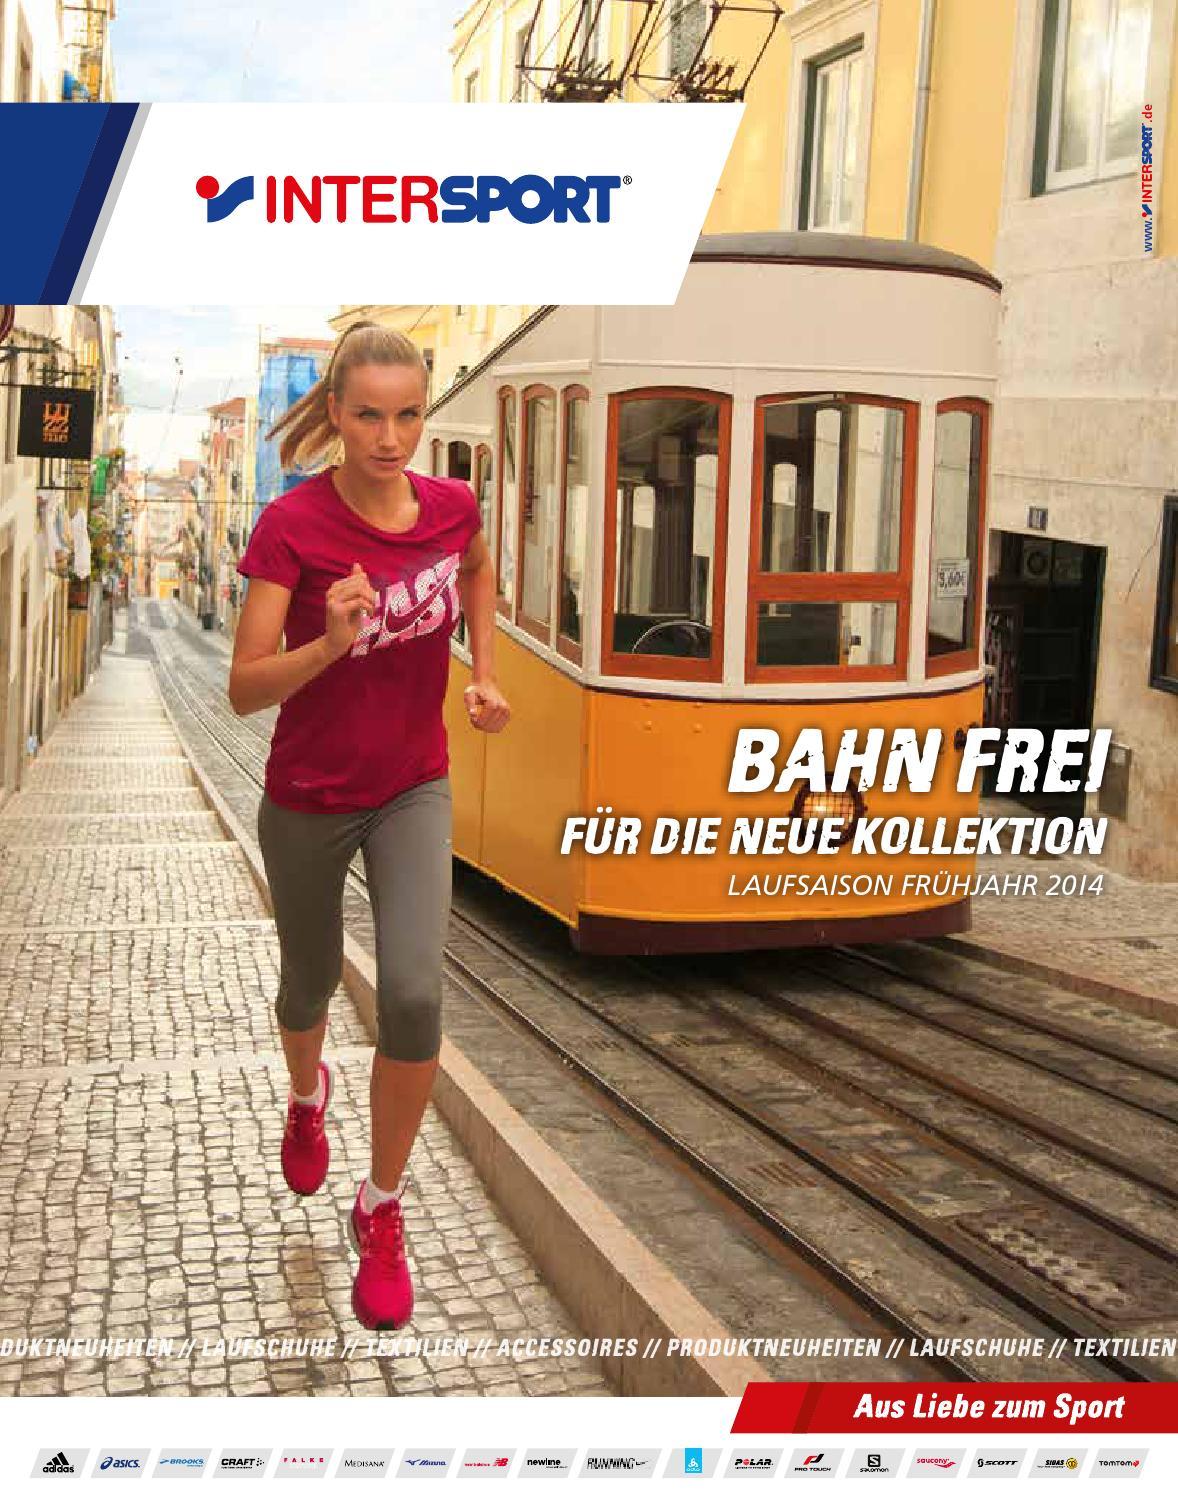 c7279110e50 Intersport Leithner by Nordbayerischer Kurier GmbH   Co. Zeitungsverlag KG  - issuu